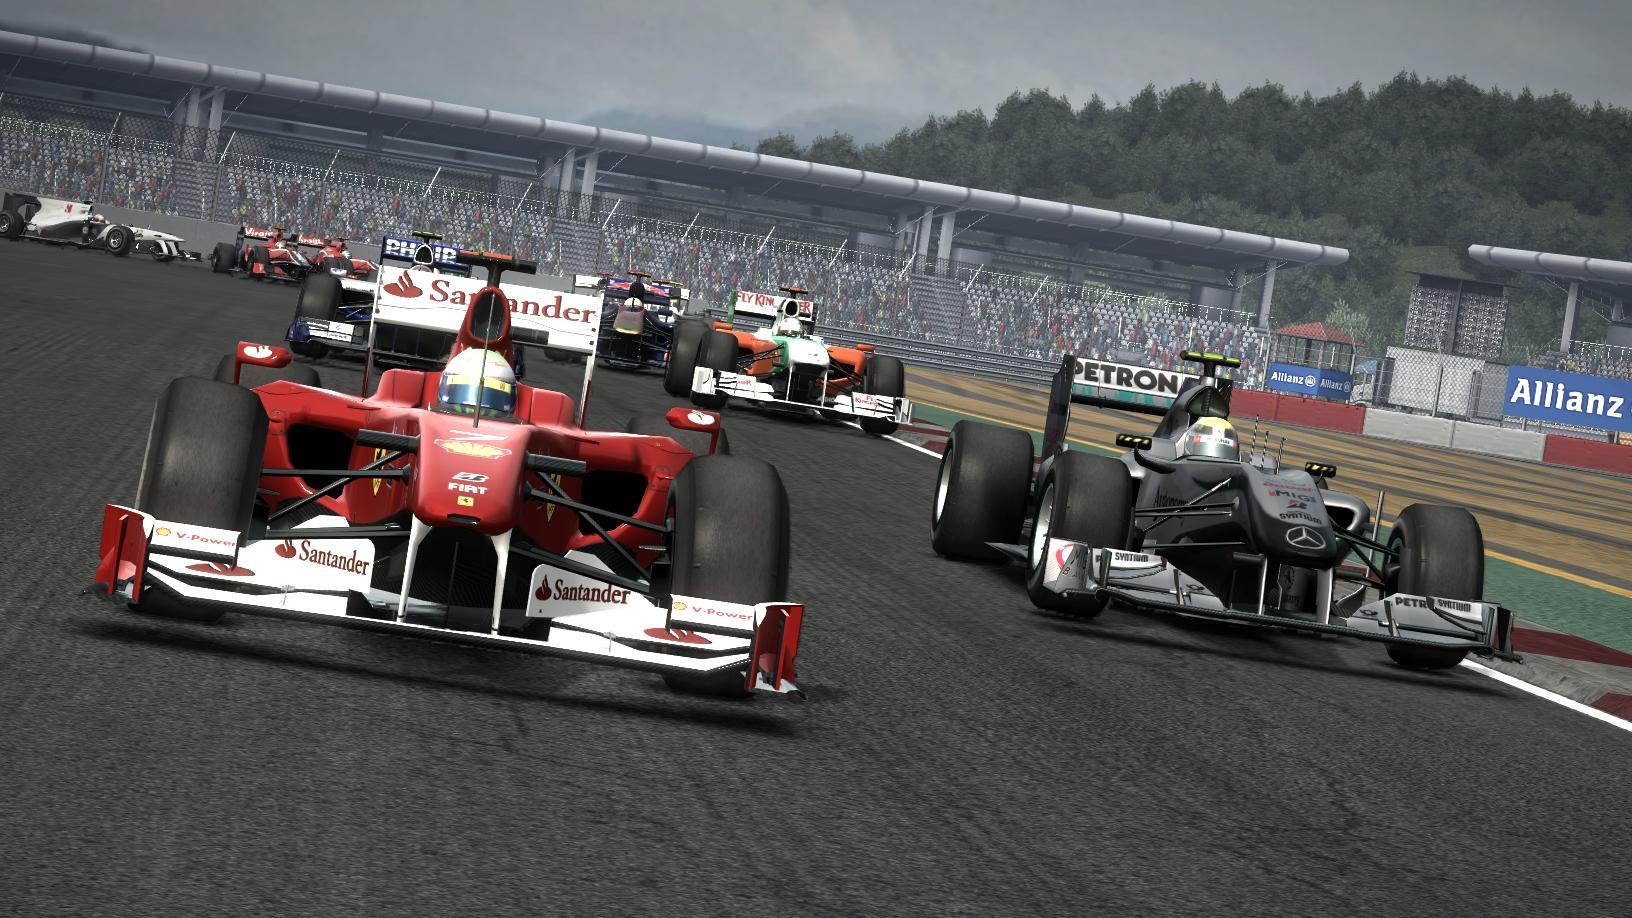 Každý rok jedny nové závody Formule 1 17050